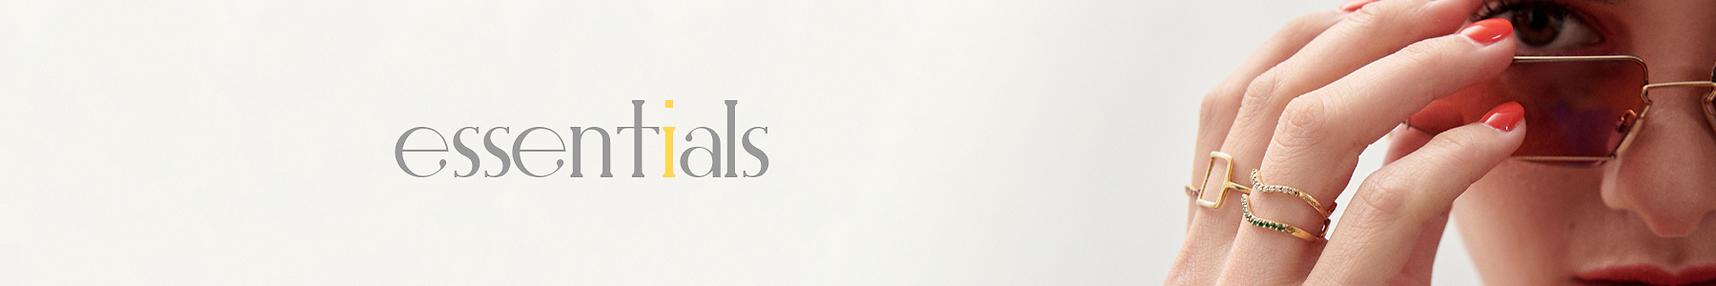 Essentials Colección.png